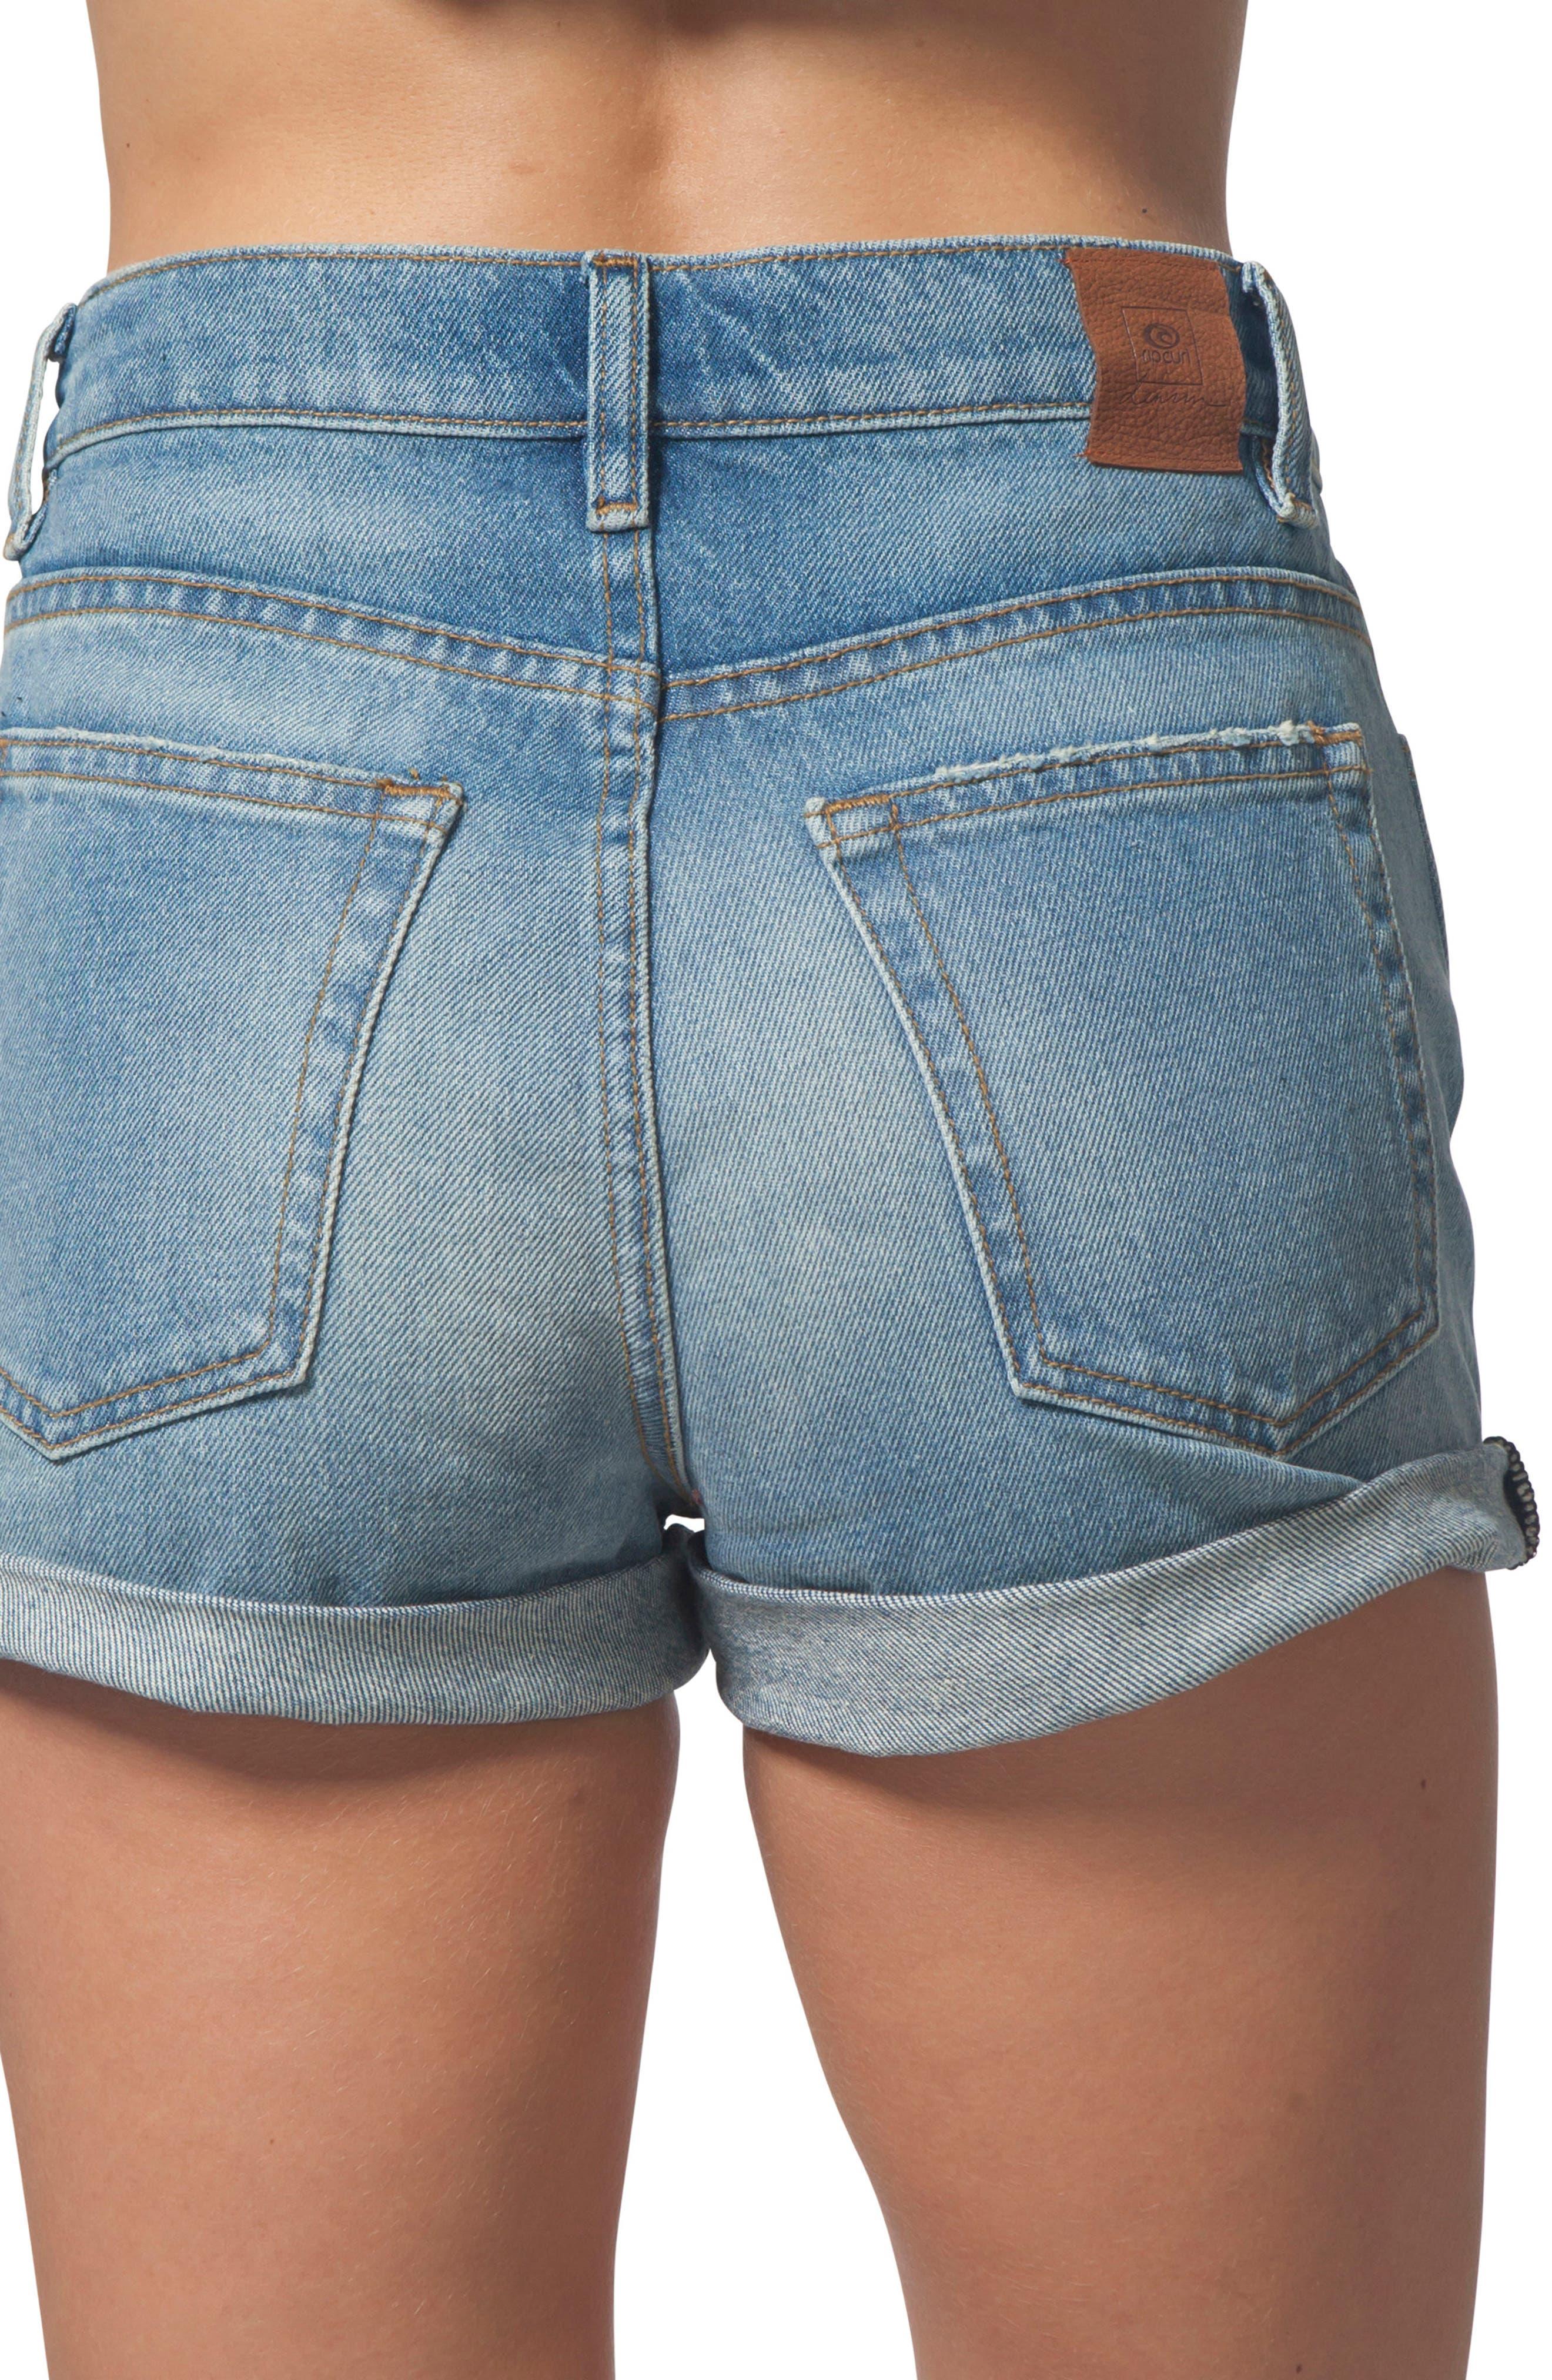 River Denim Shorts,                             Alternate thumbnail 2, color,                             400